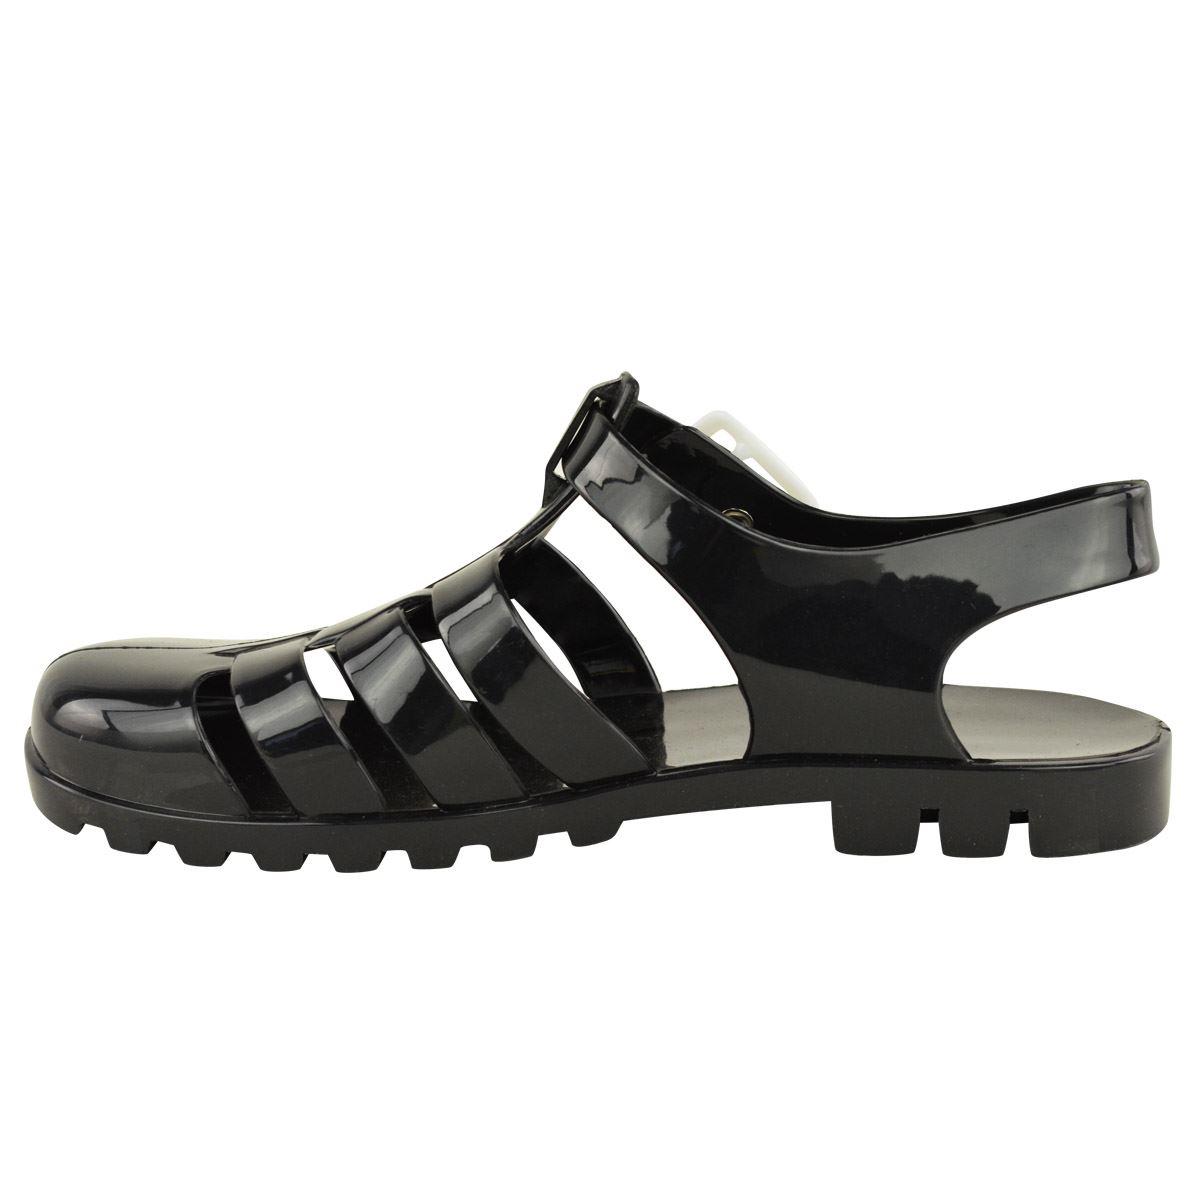 , accessoires > Femmes: chaussures > Sandales, chaussures de plage